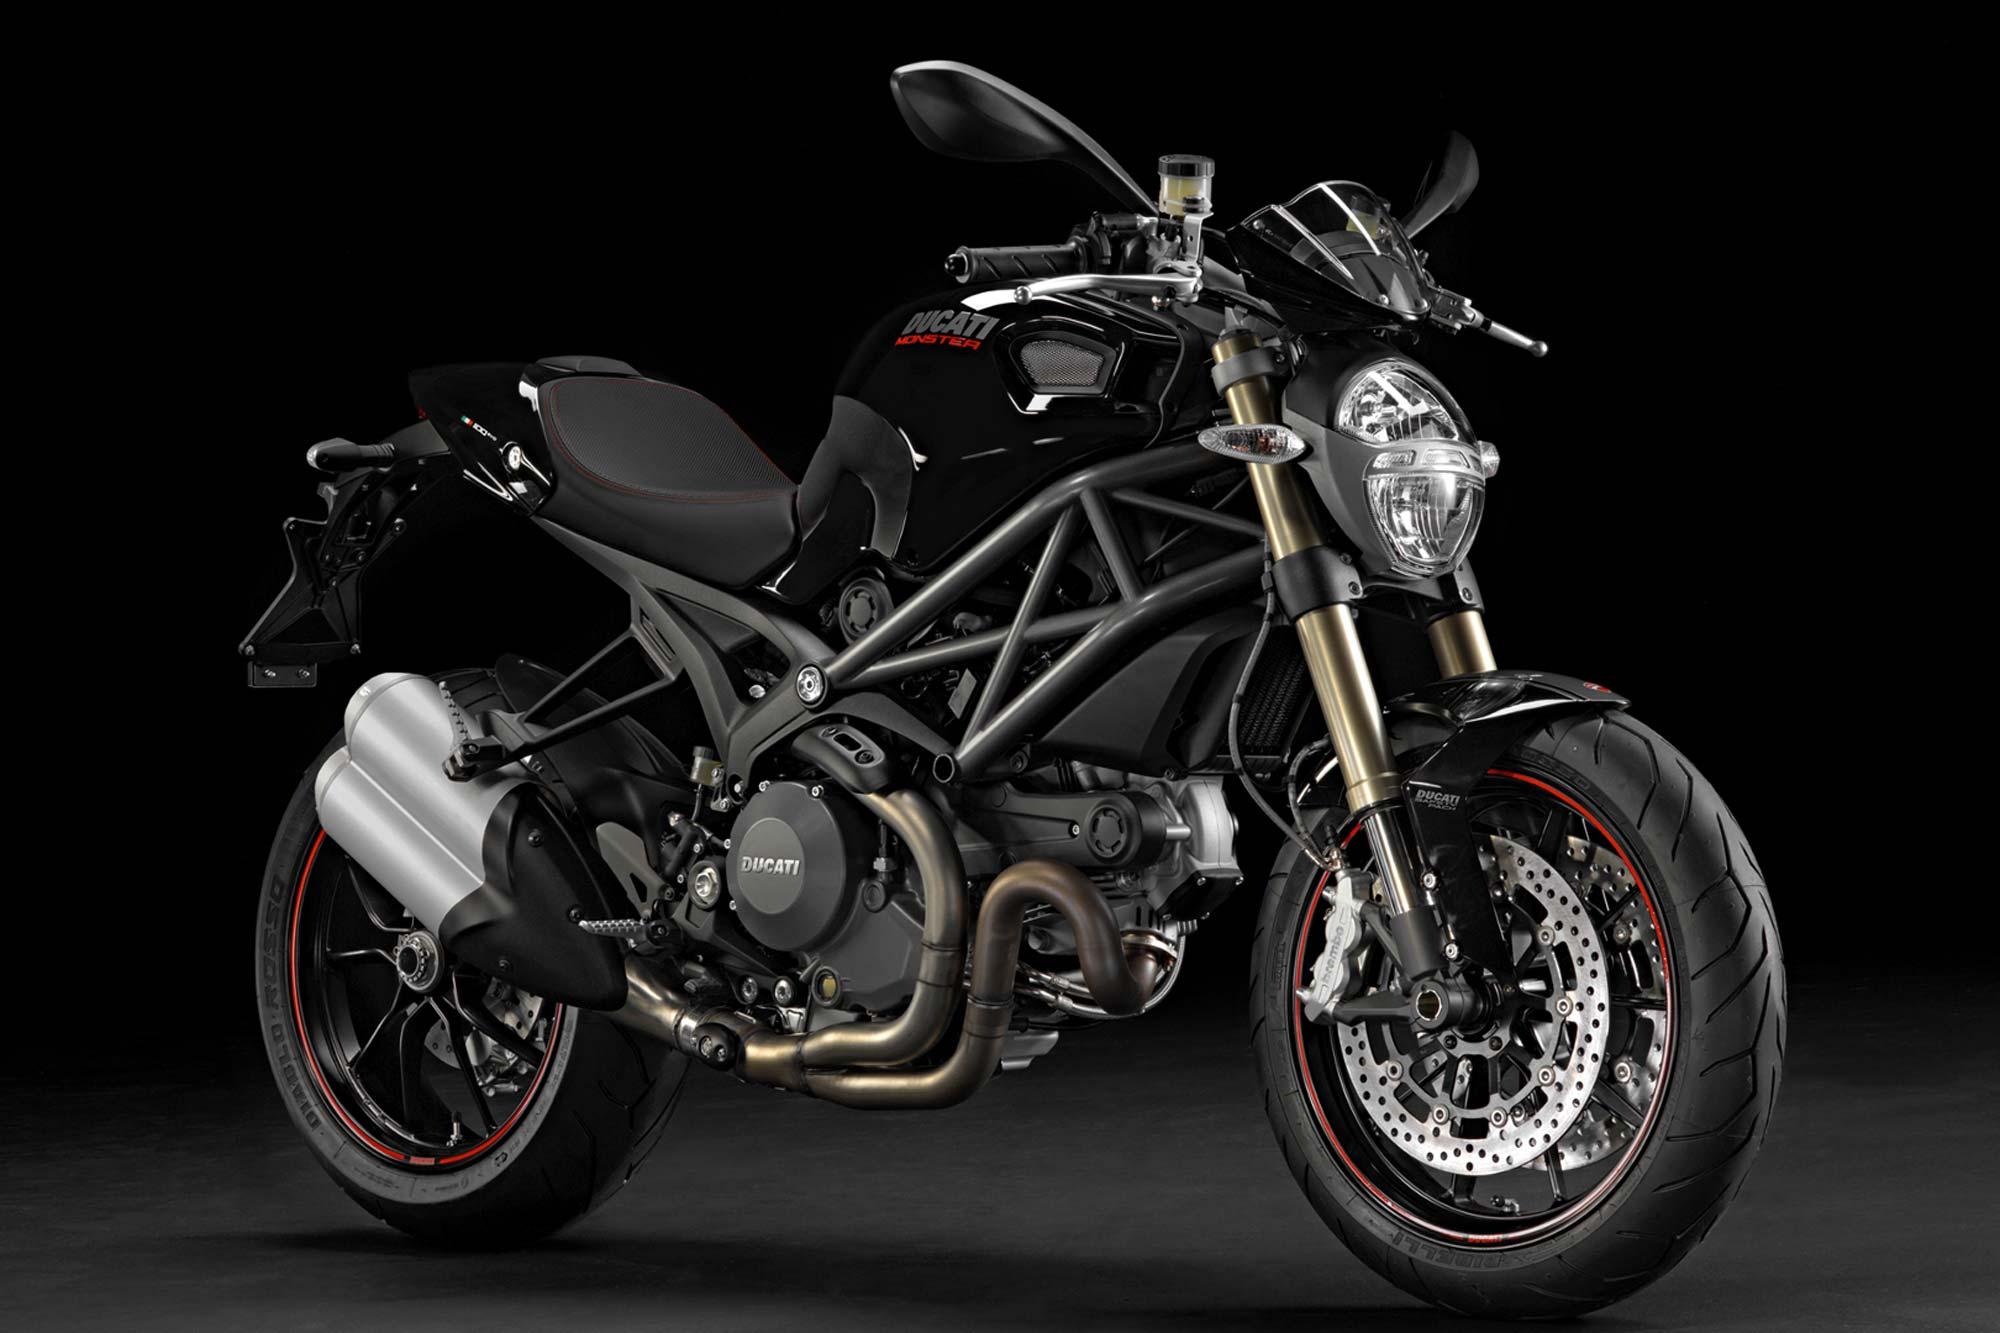 Ducati Monster 821 >> 2011 Ducati Monster 1100 EVO - Asphalt & Rubber